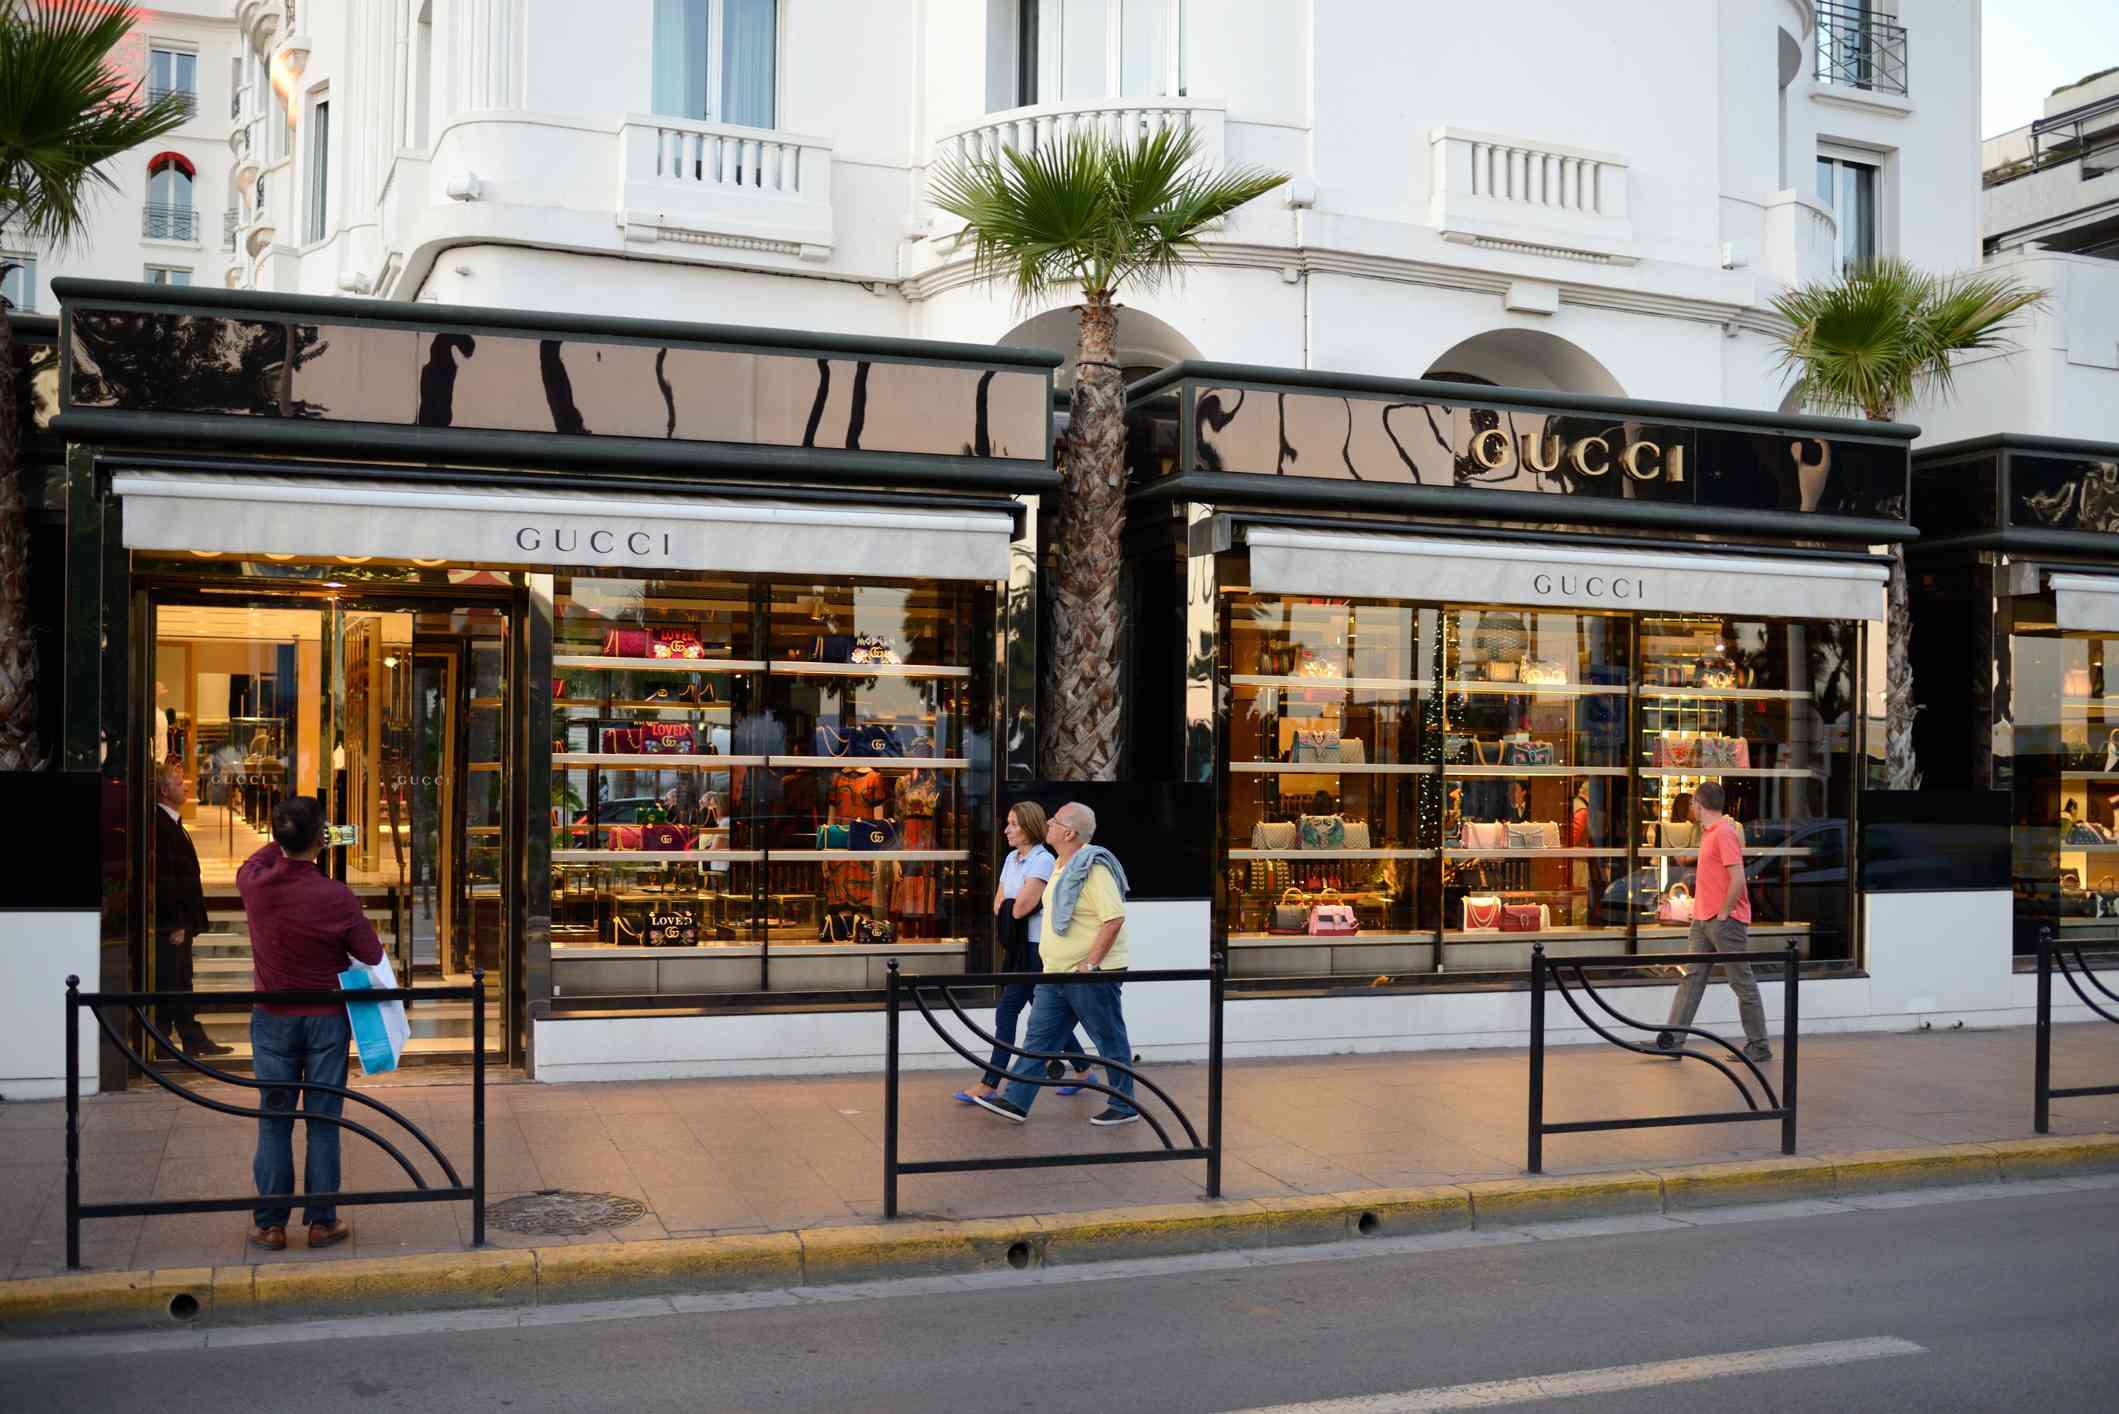 Shops on La Croisette, Cannes, France